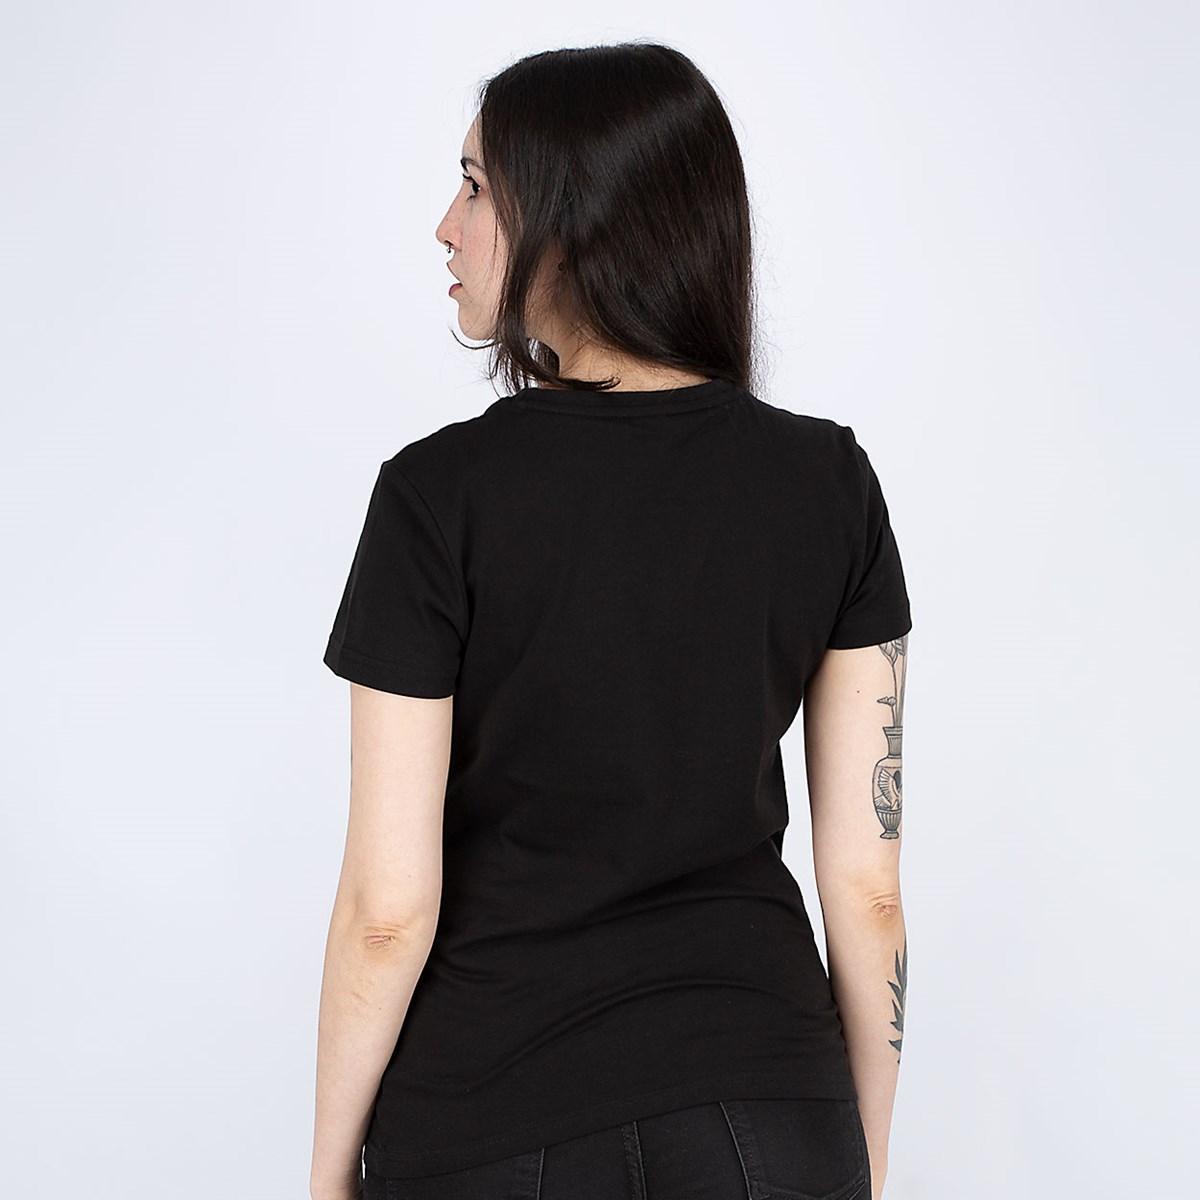 Camiseta Puma CG Reg Fit Graphic Tee Black 599617-01